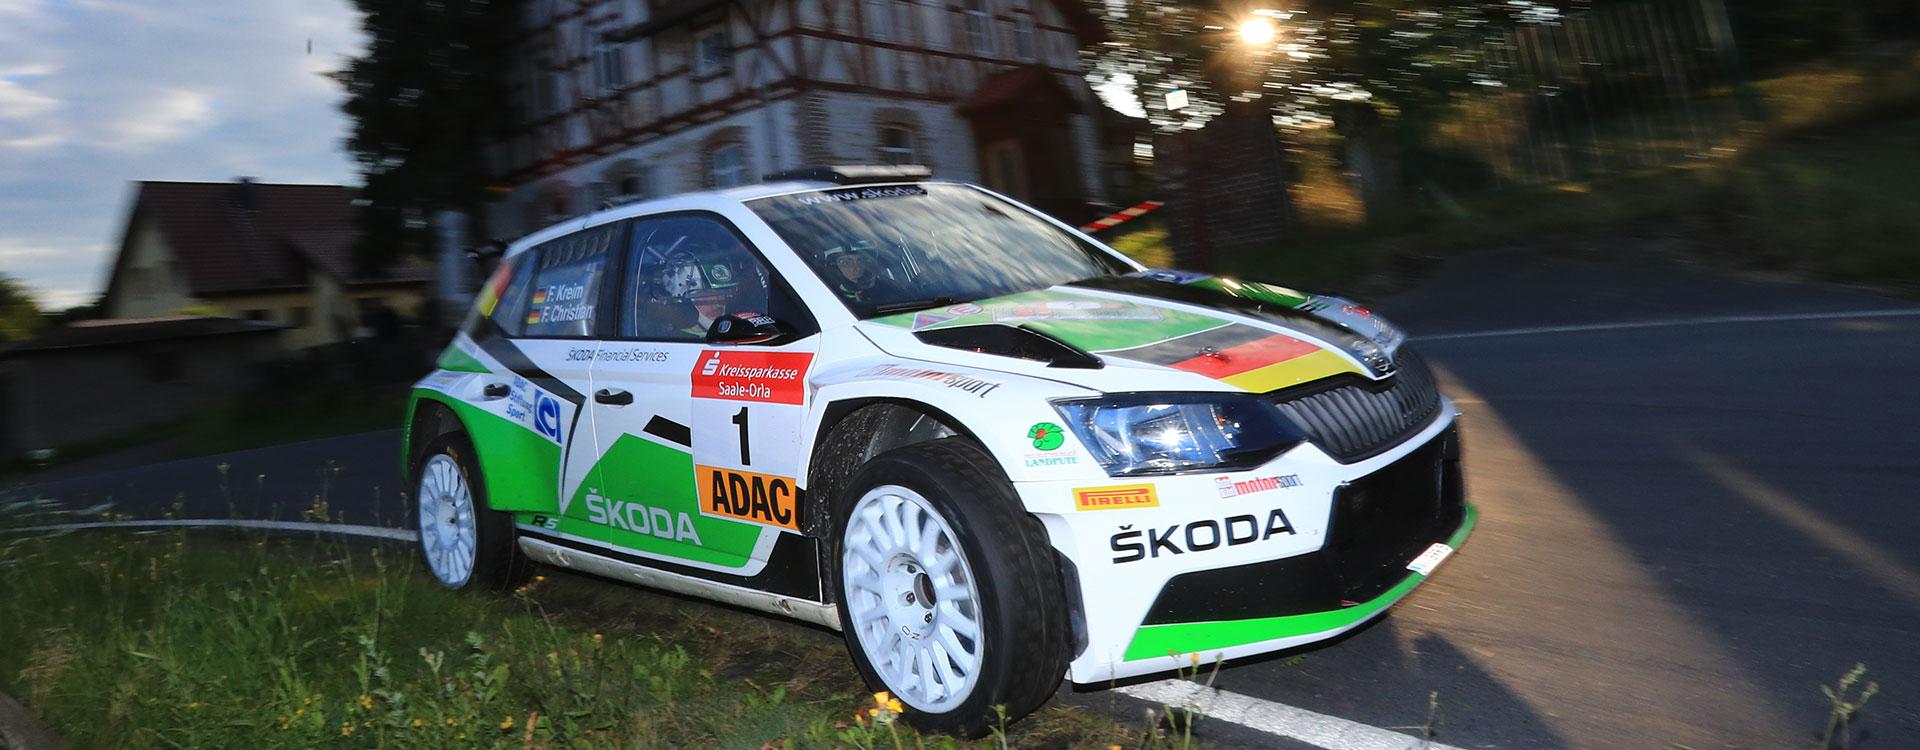 FOTO: Kreim vybojoval na Thüringen Rallye čtvrtou výhru sezóny